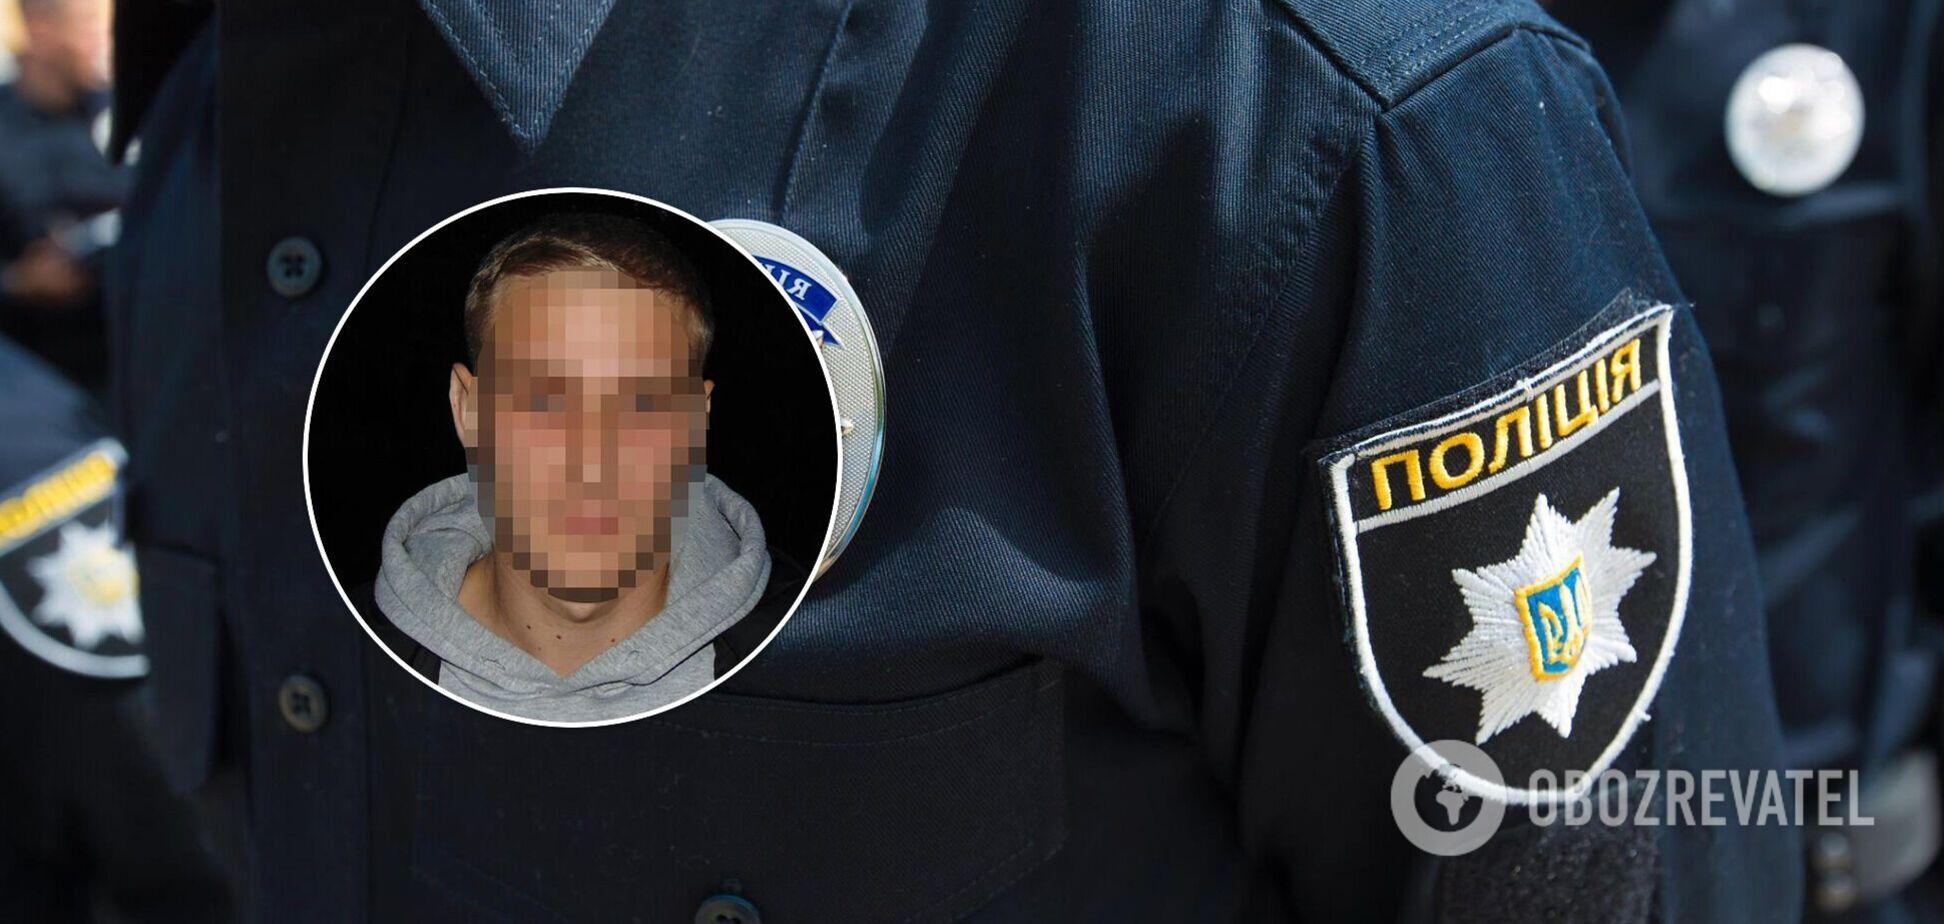 Житель Києва нібито збував зілля шляхом 'закладок'